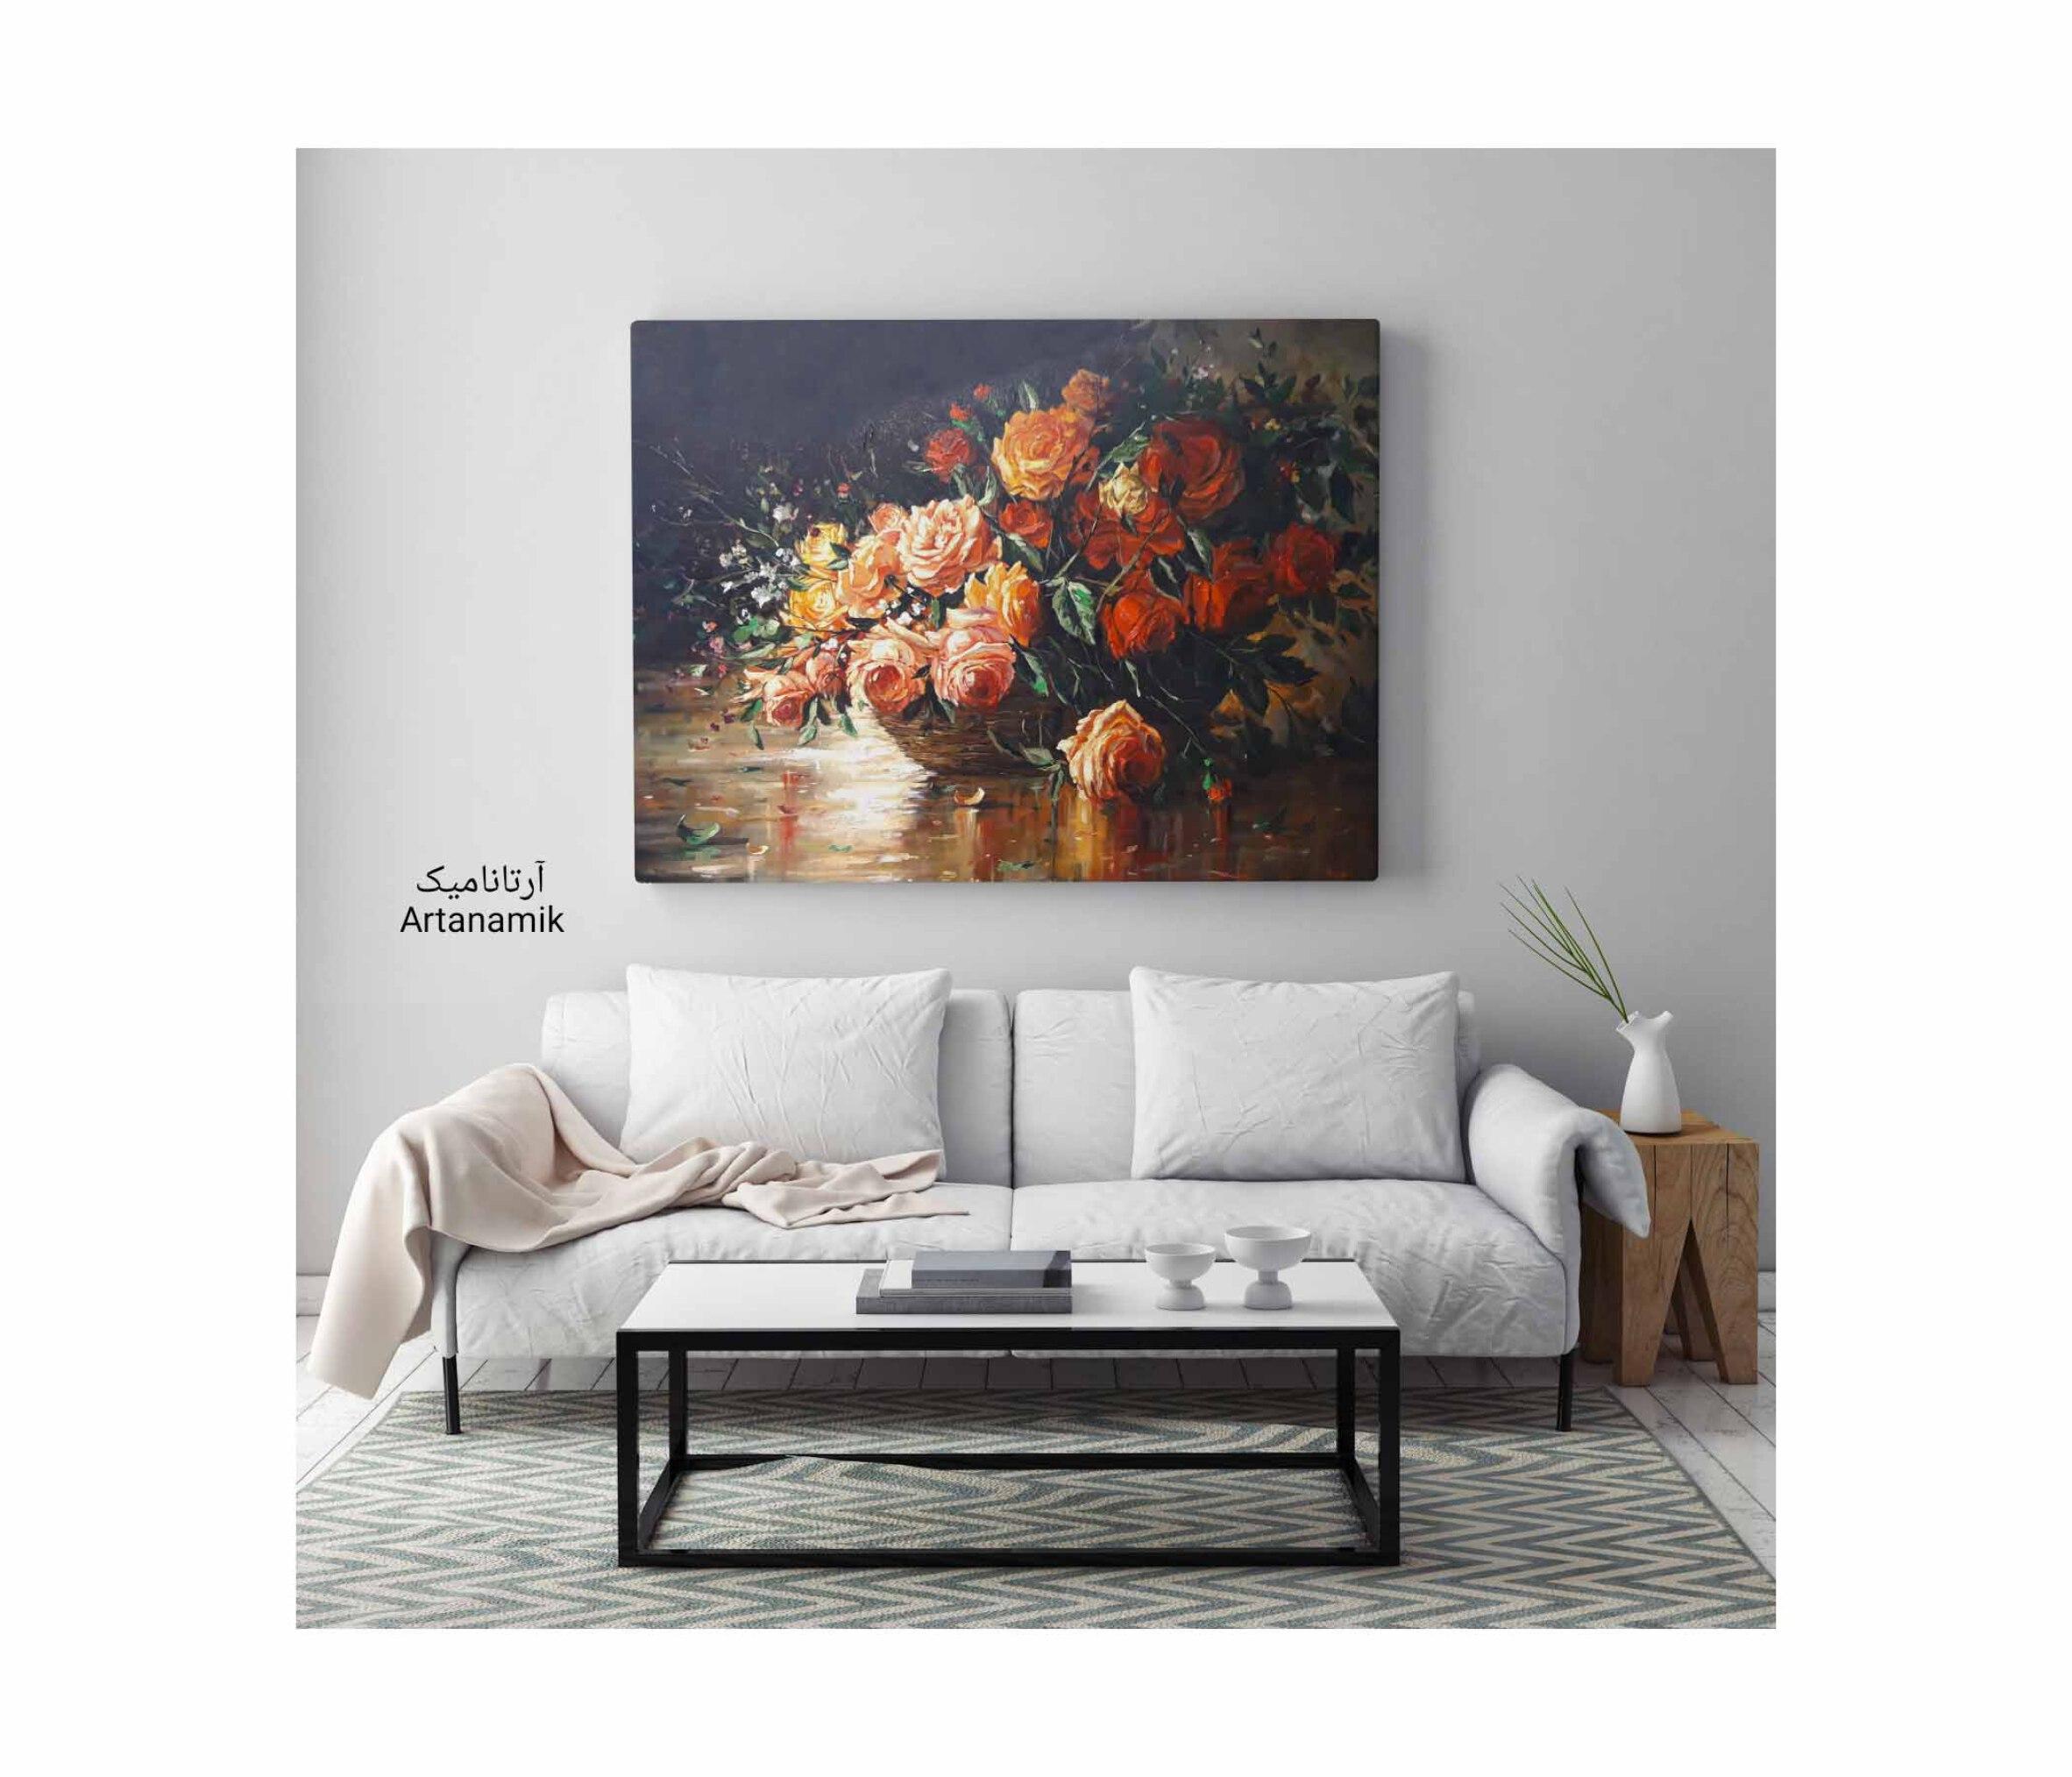 تابلو نقاشی رنگ روغن، تابلو نقاشی کادویی، تابلو نقاشی دکوری